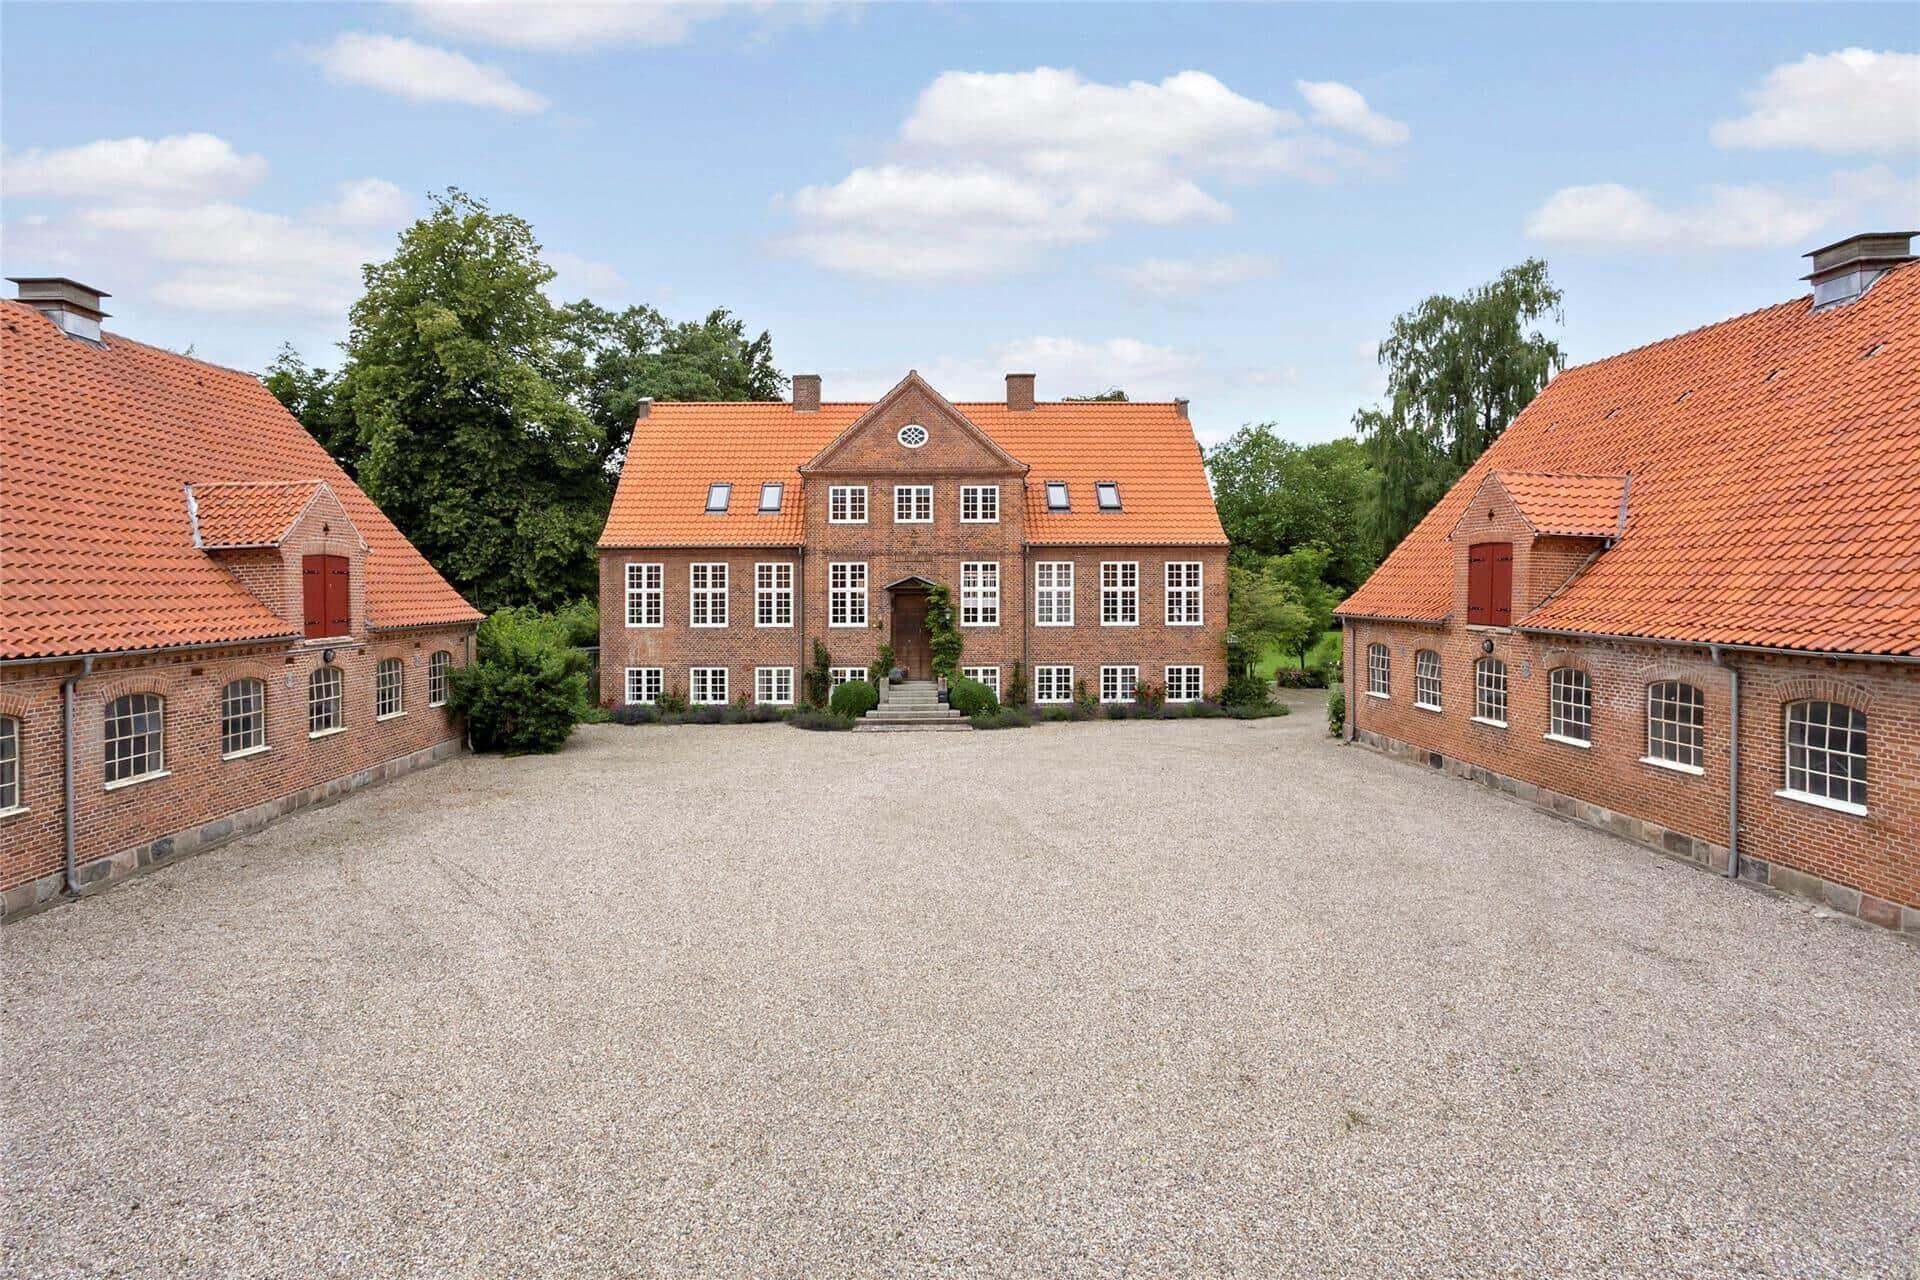 Billede 1-3 Sommerhus M65527, Hovgårdsvej 6, DK - 5591 Gelsted